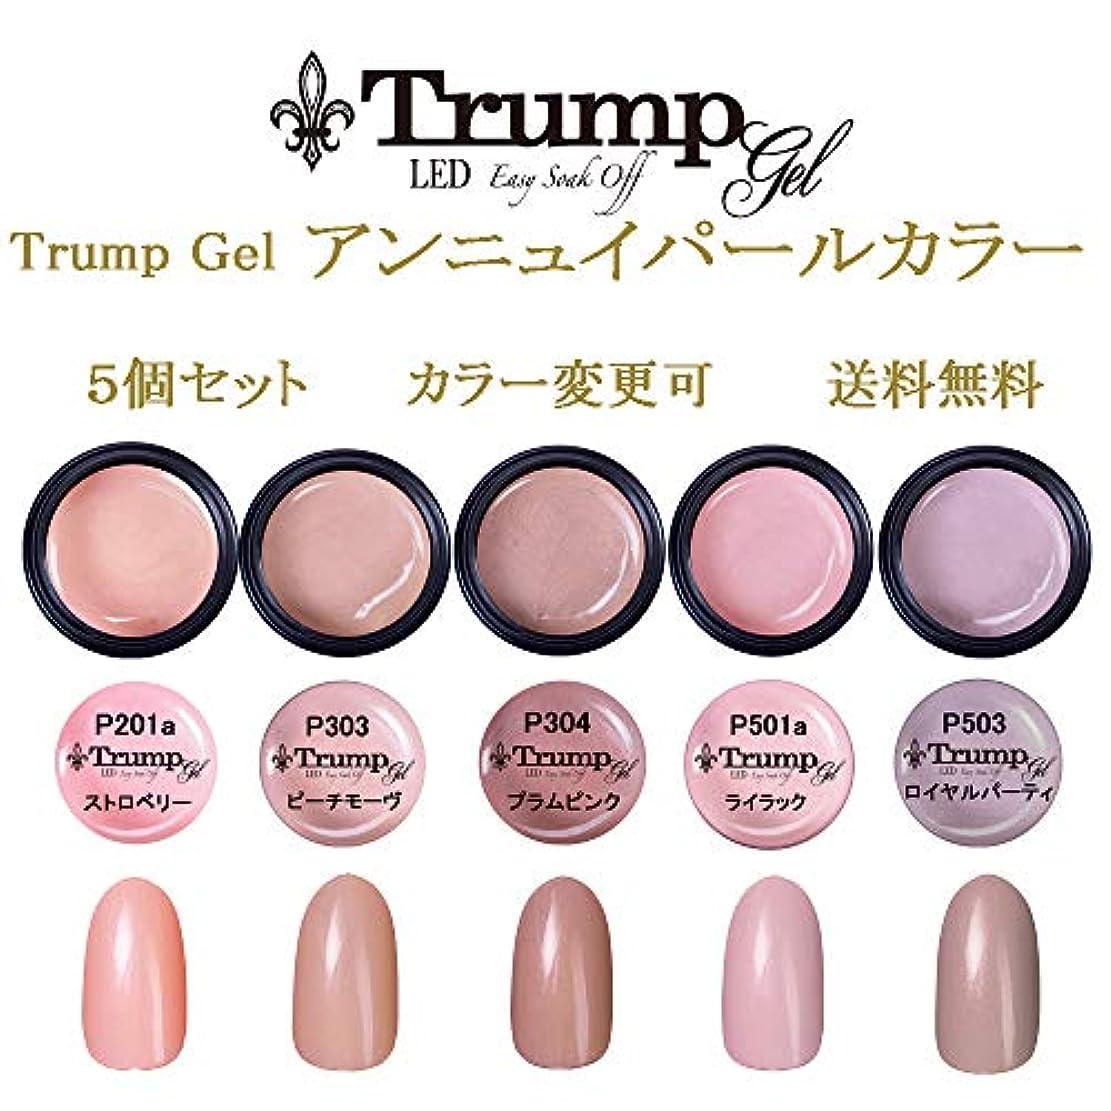 サルベージ俳句所有権日本製 Trump gel トランプジェル アンニュイ パール 選べる カラージェル 5個セット ピンク ベージュ パープル